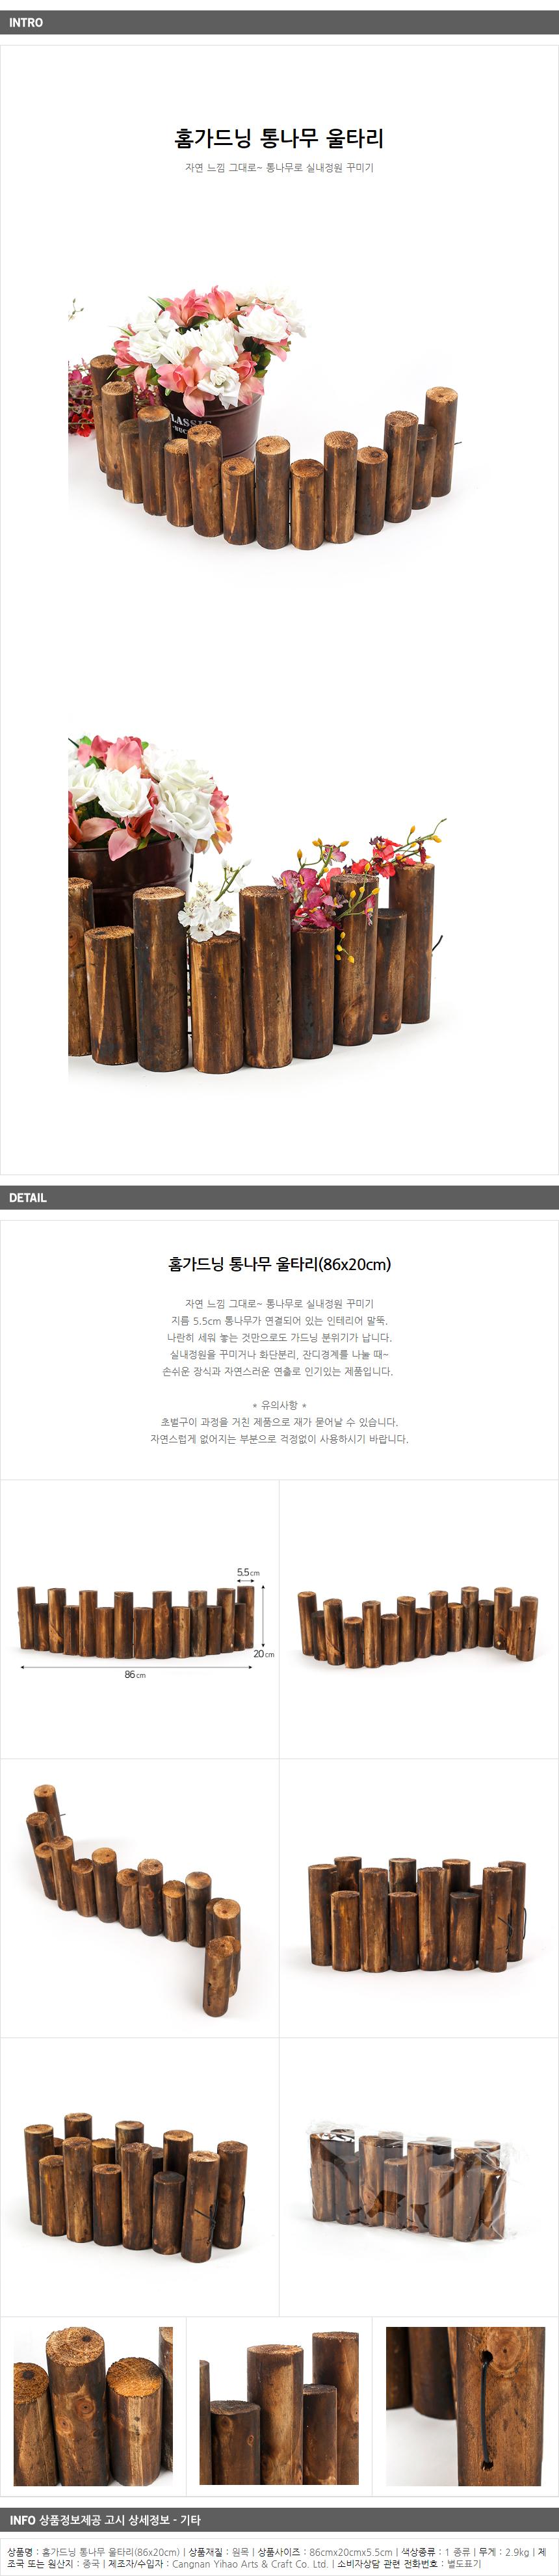 통나무 울타리/조경 화단 - 기프트갓, 14,910원, 가드닝도구, 가드닝 픽